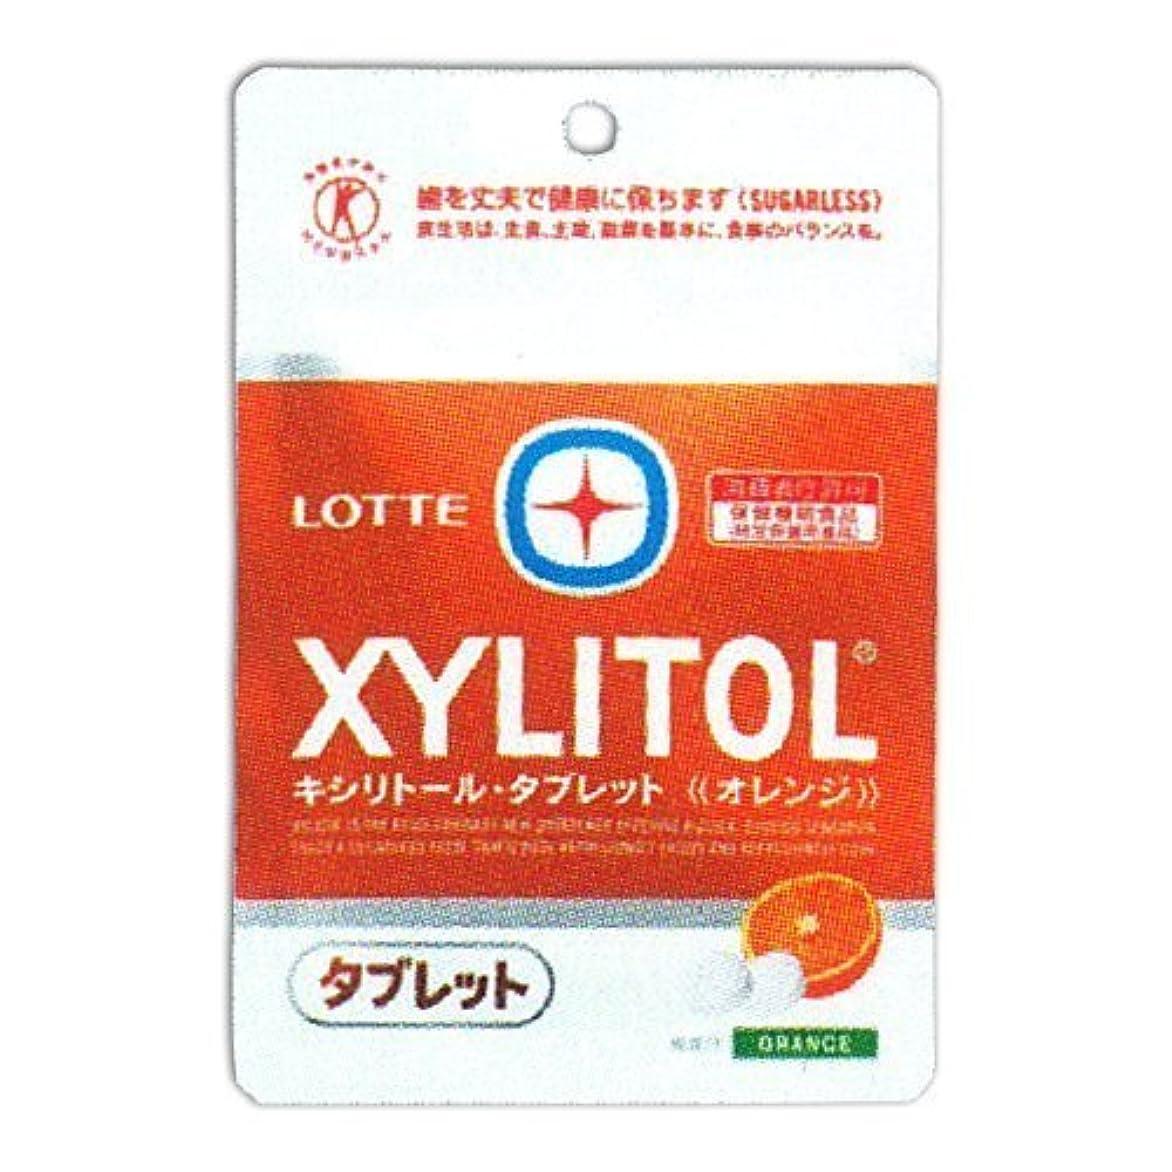 柔和検索ビリーヤギキシリトール タブレット オレンジ 35g ×20袋 [ヘルスケア&ケア用品]